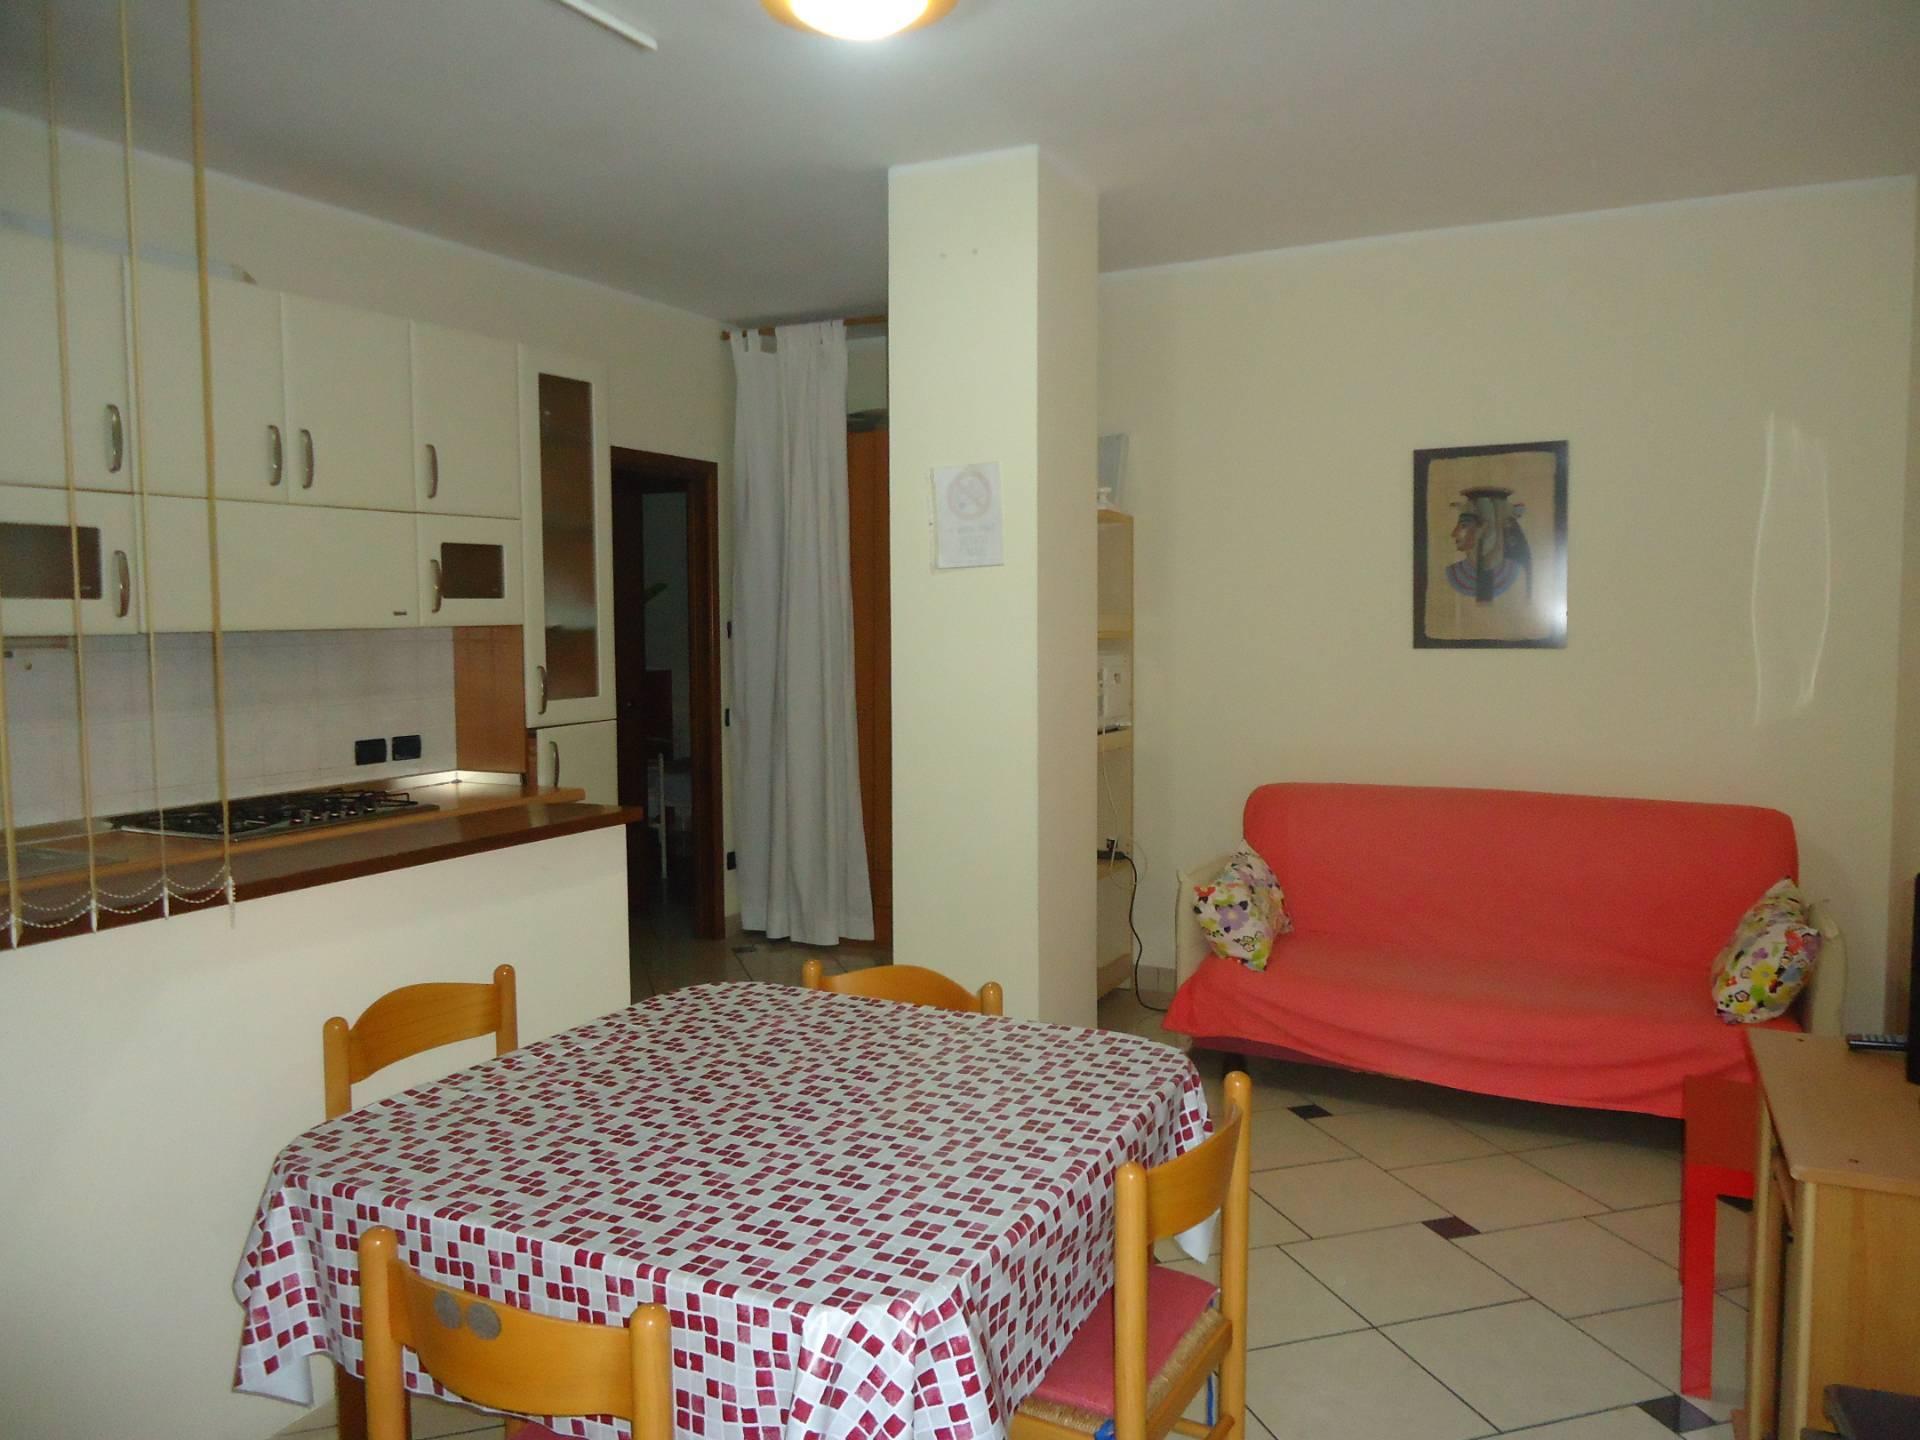 Appartamento in affitto a Bellaria Igea Marina, 4 locali, zona Zona: Bellaria, prezzo € 700 | CambioCasa.it